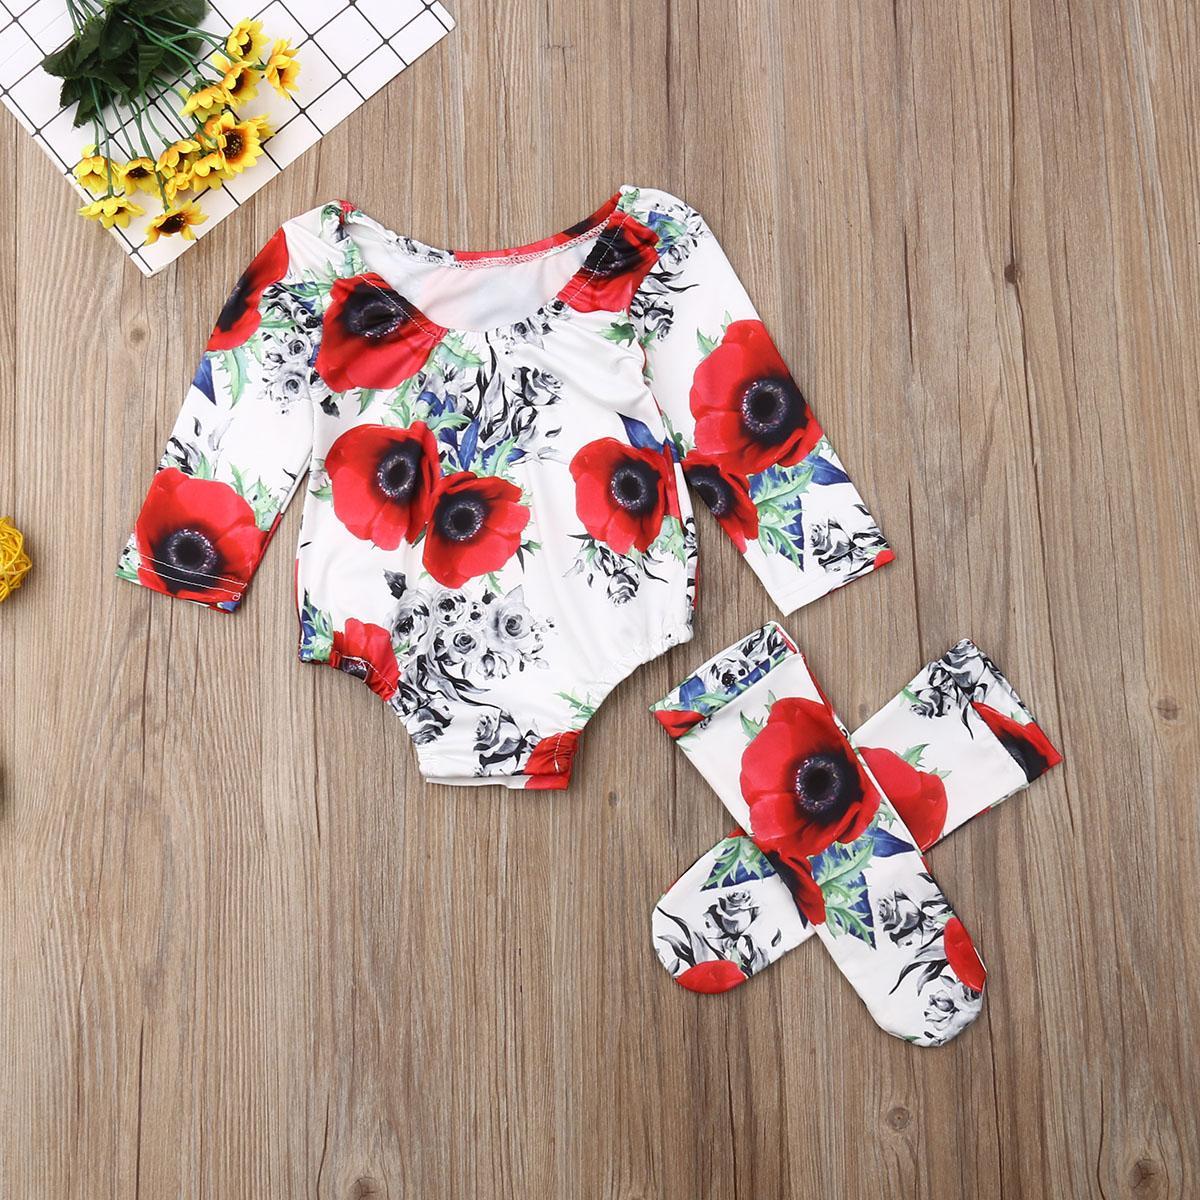 2 Stück Set Neugeborene Baby Kleidung Kleinkind Mädchen Rote Rose Blume Langarm Body +1 Paar Lange Socken Mädchen Outfit